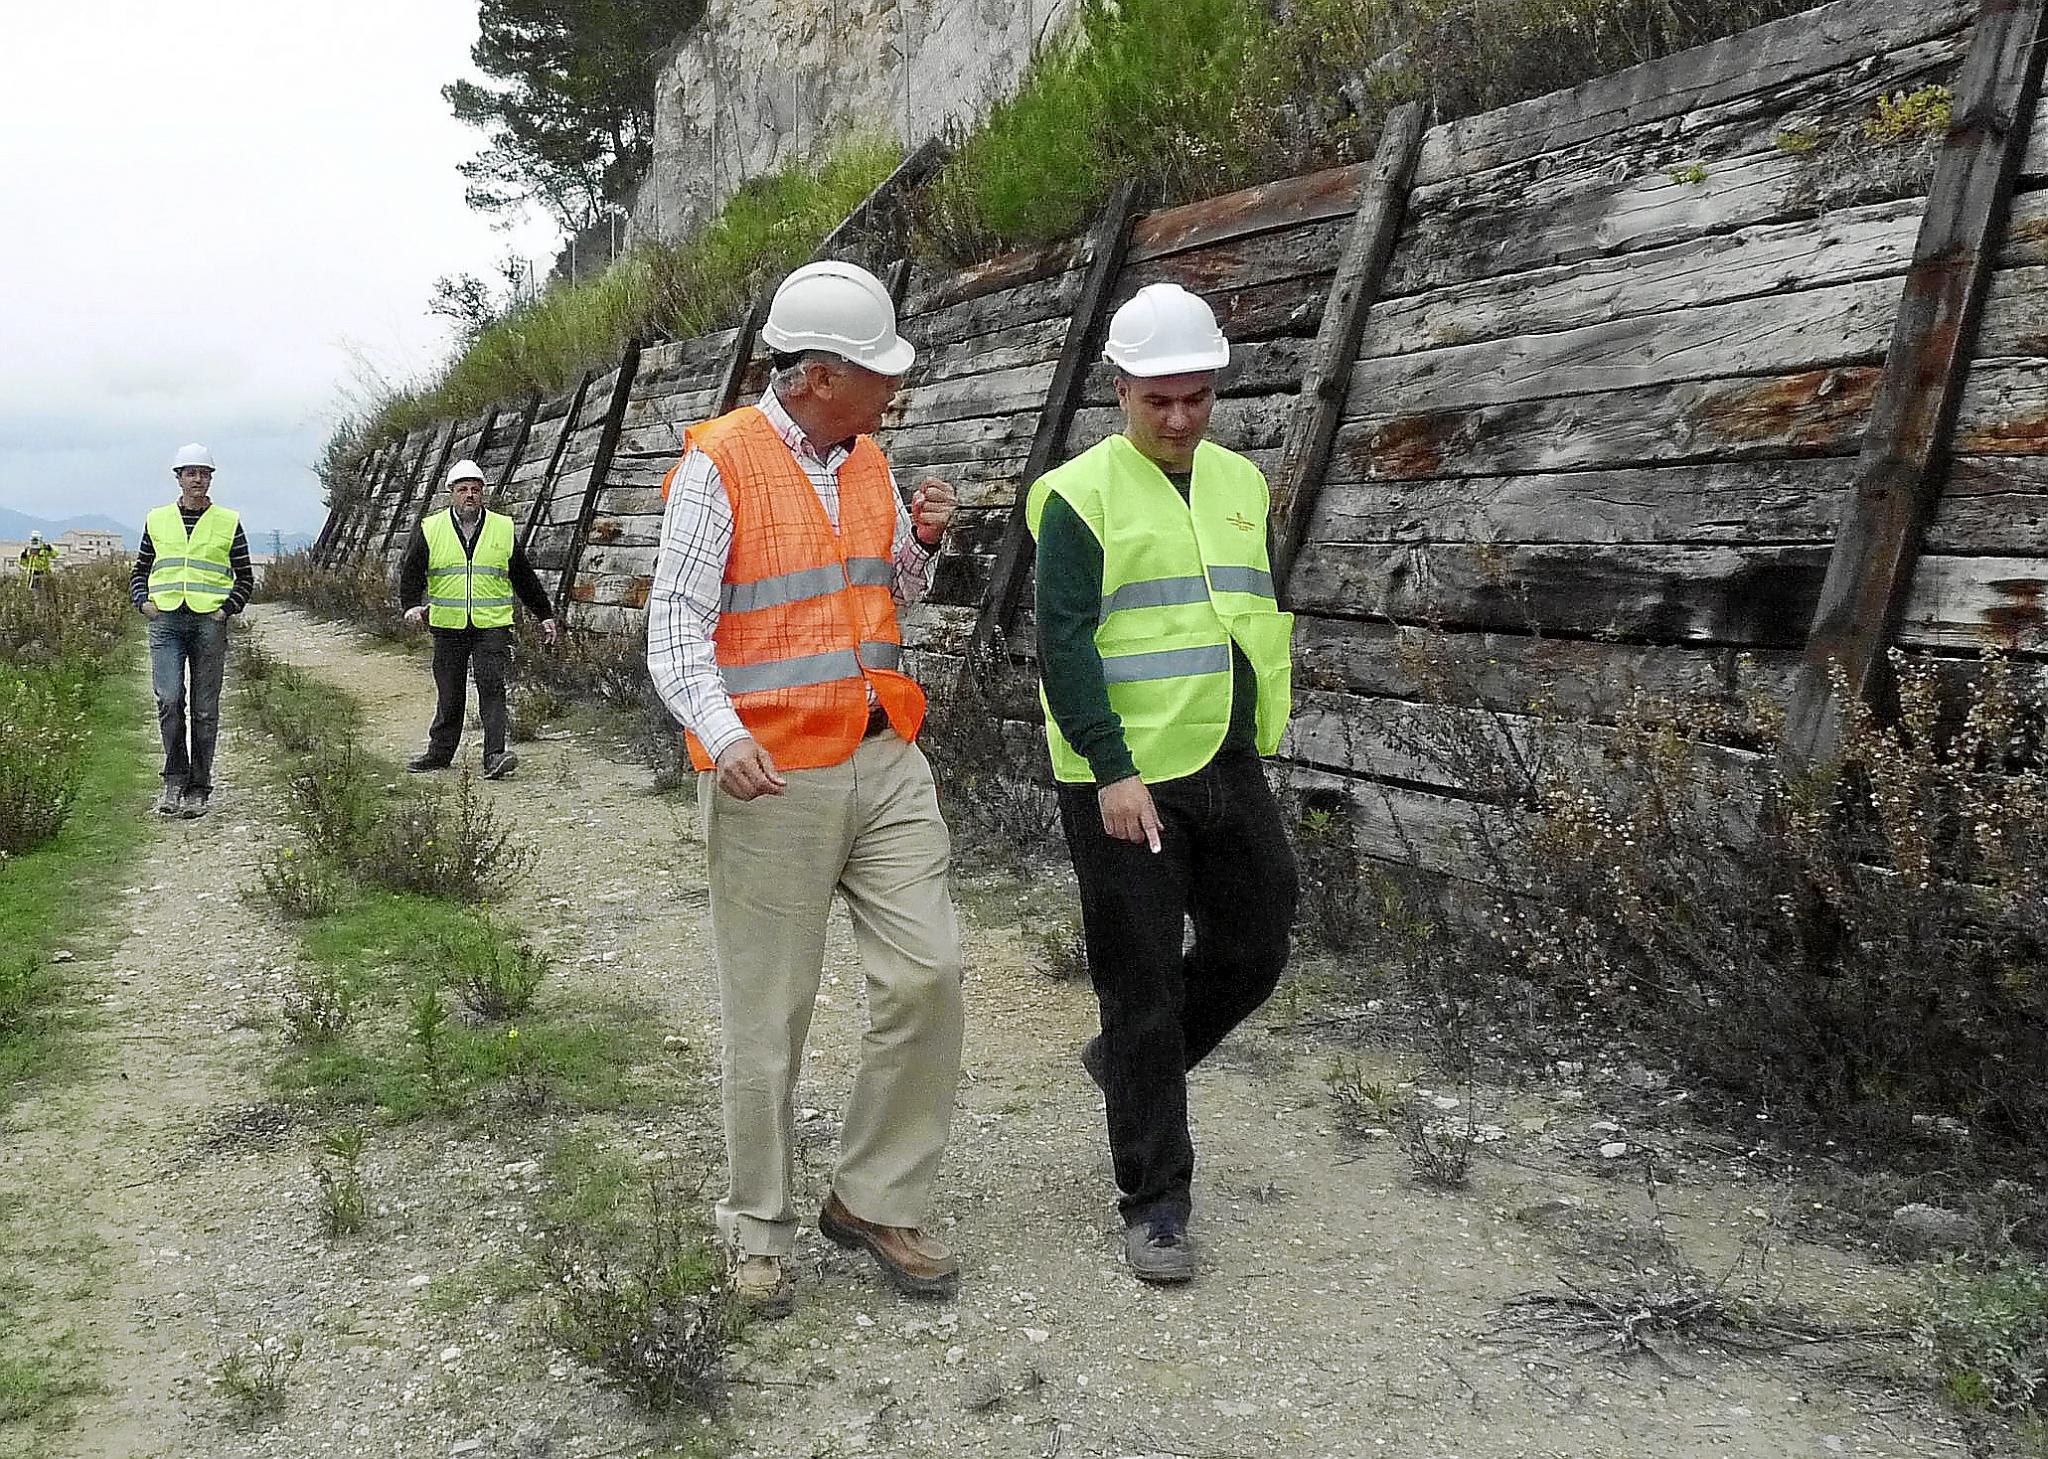 El Govern inicia la reconstrucción del muro caído del tren de Sineu sin saber aún cómo reforzará el talud